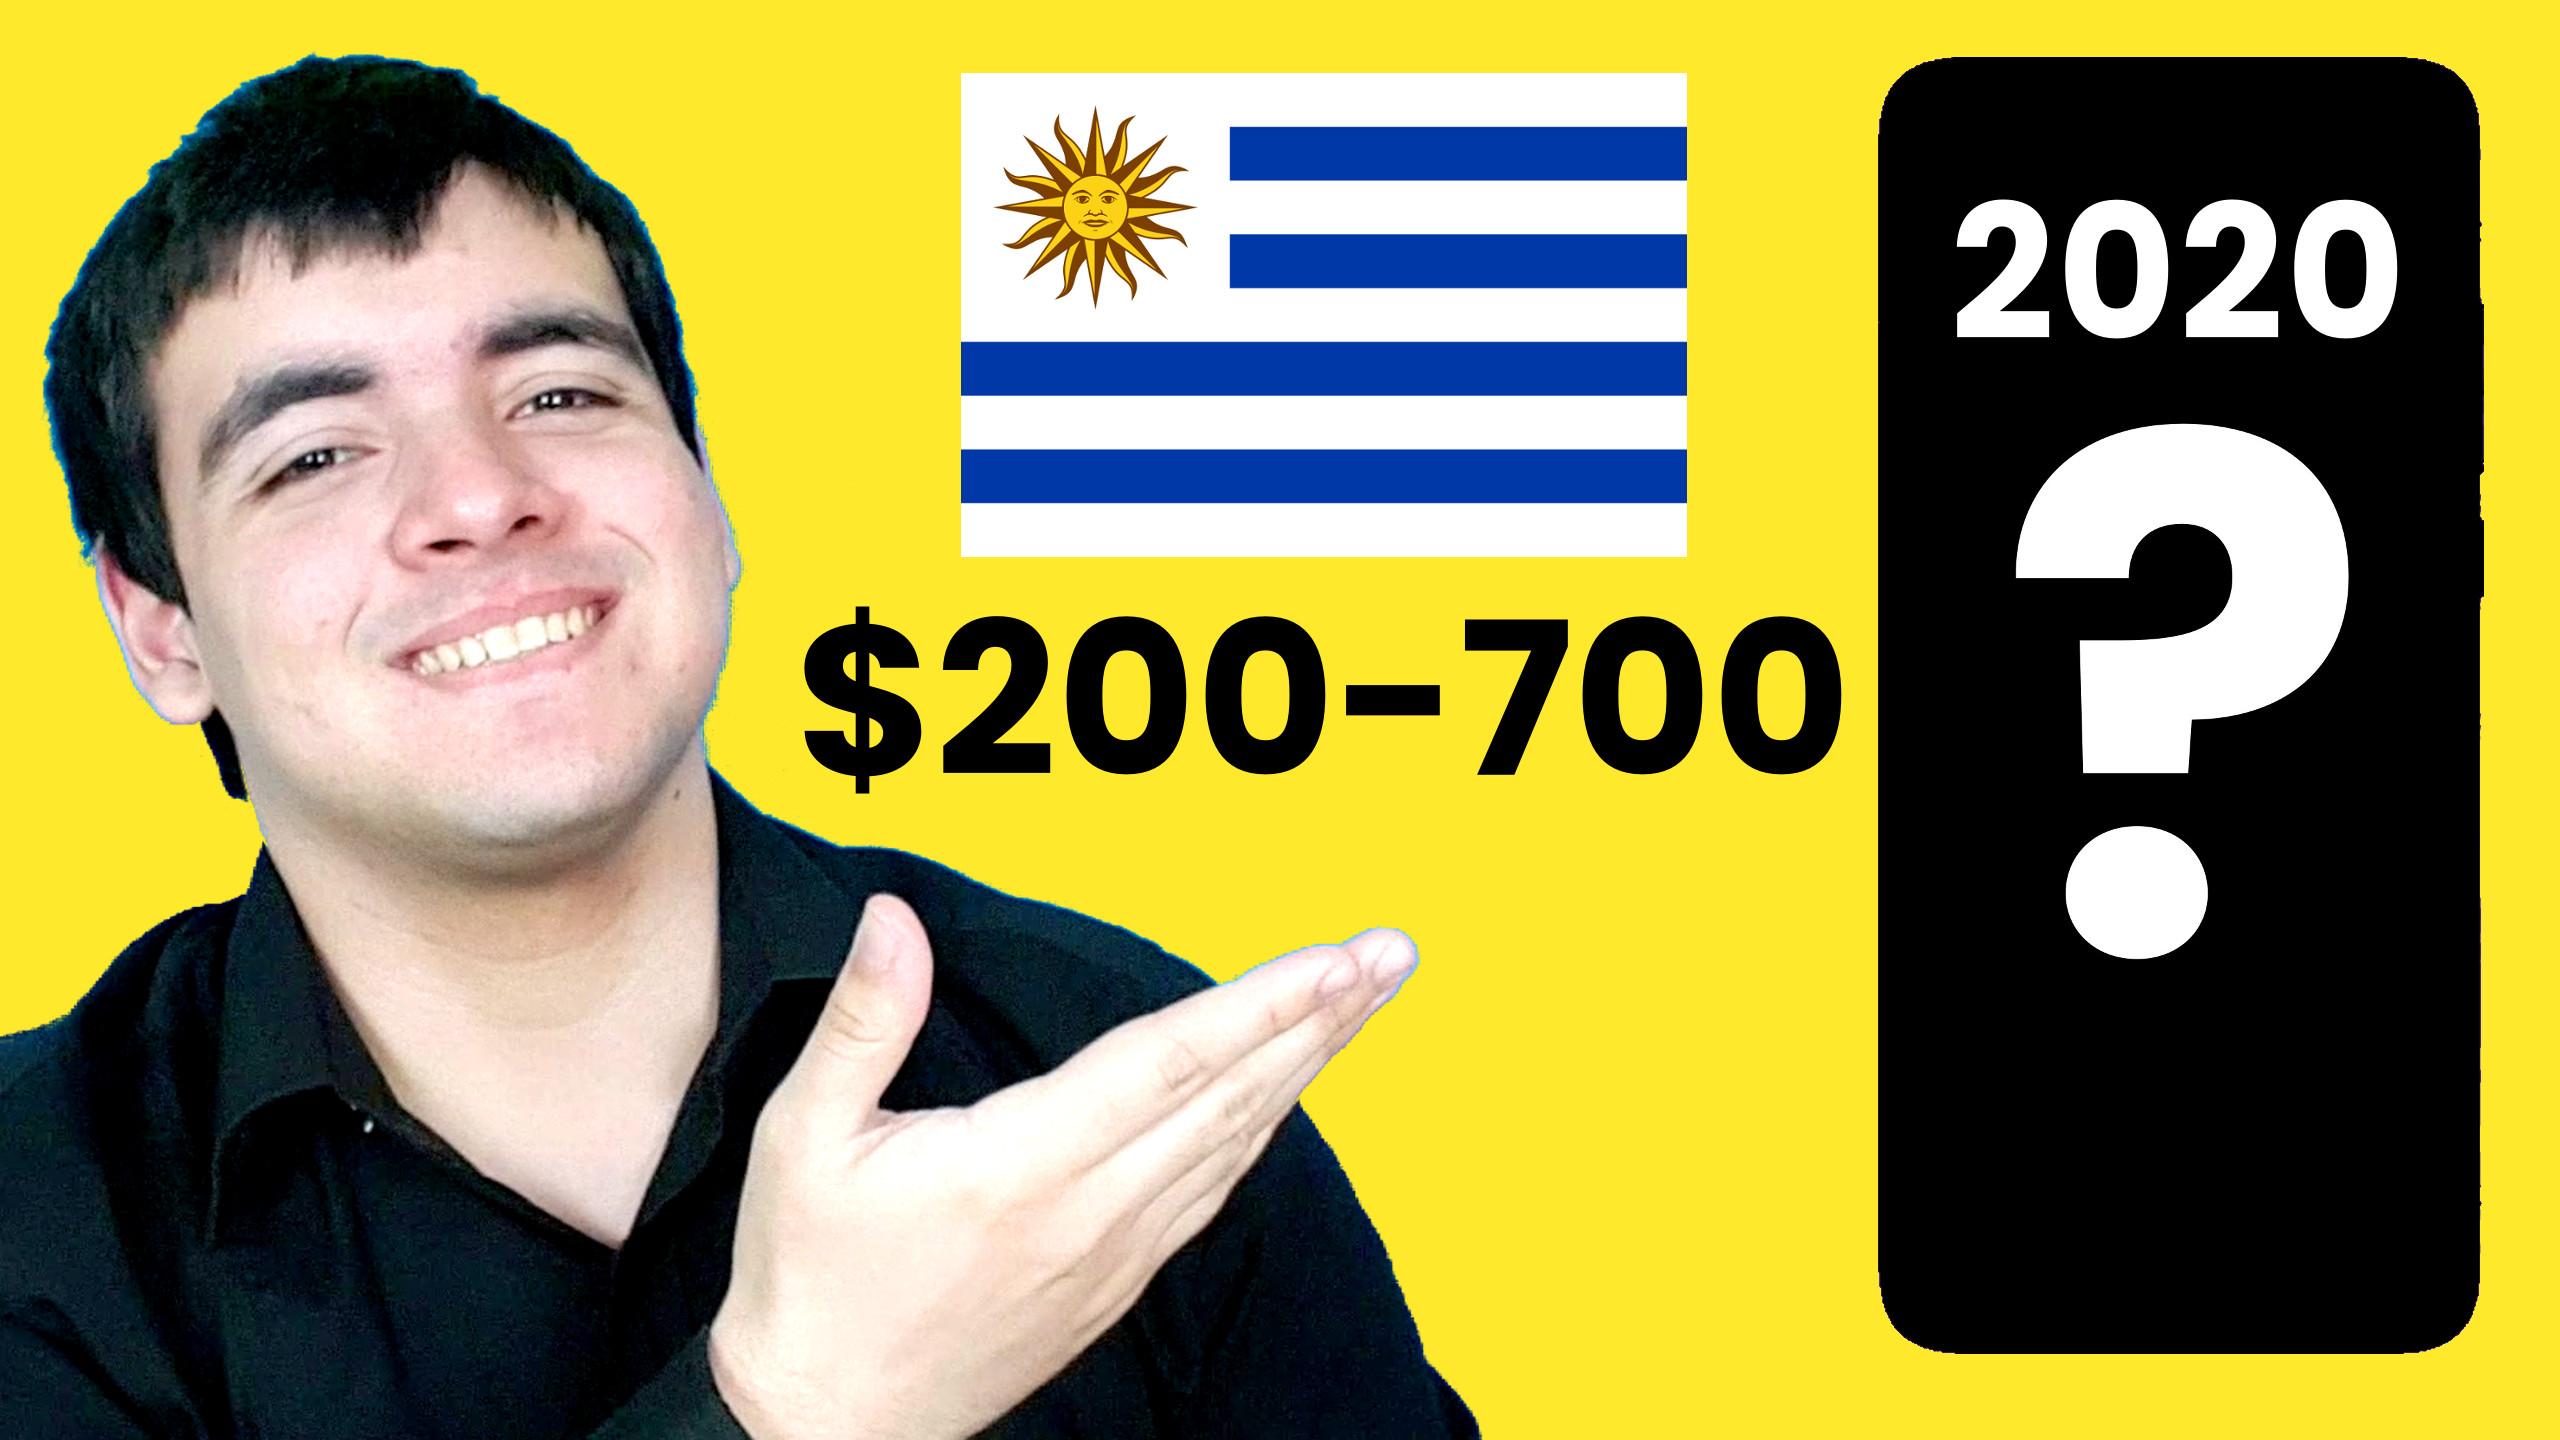 Top celulares de gama media en Uruguay - Andro UY Awards 2020